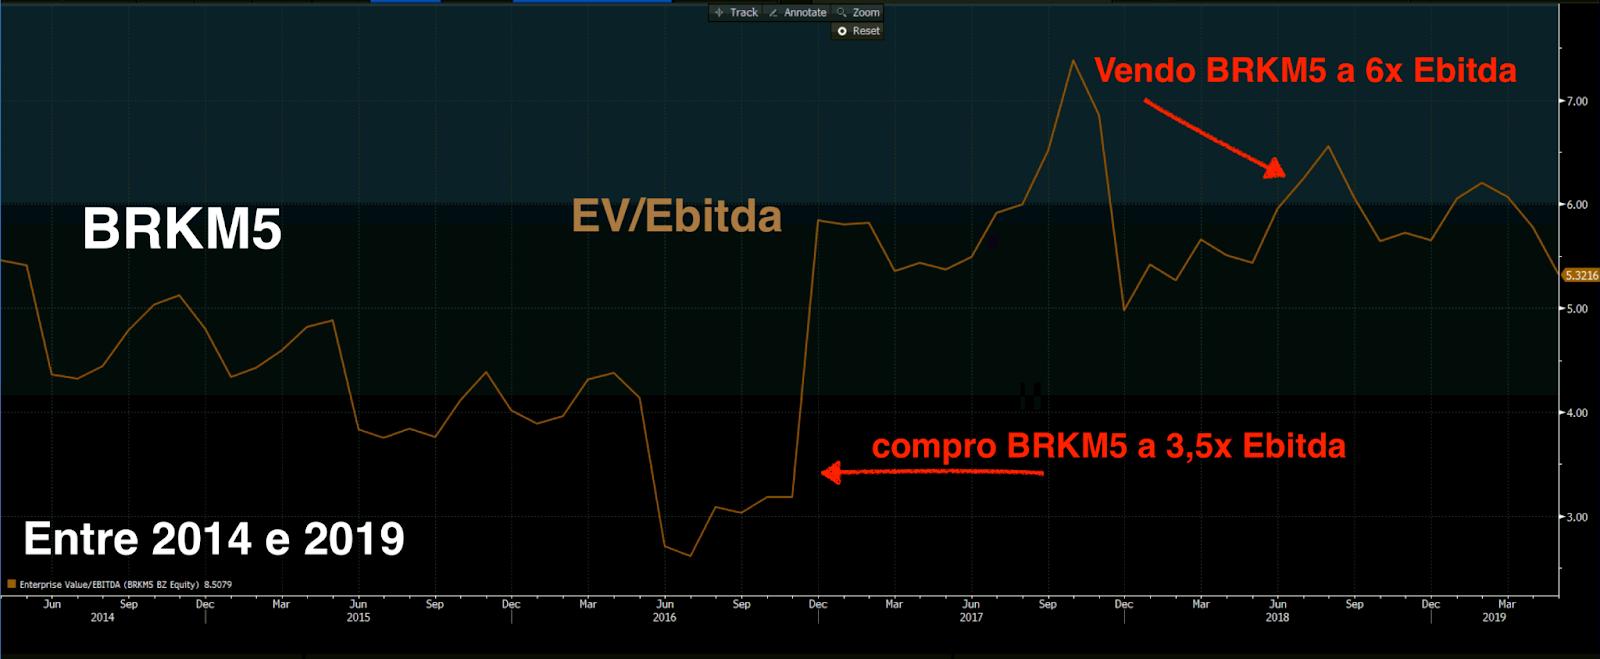 Gráfico apresenta EV/Ebitda de BRKM5 entre 2014 e 2019.